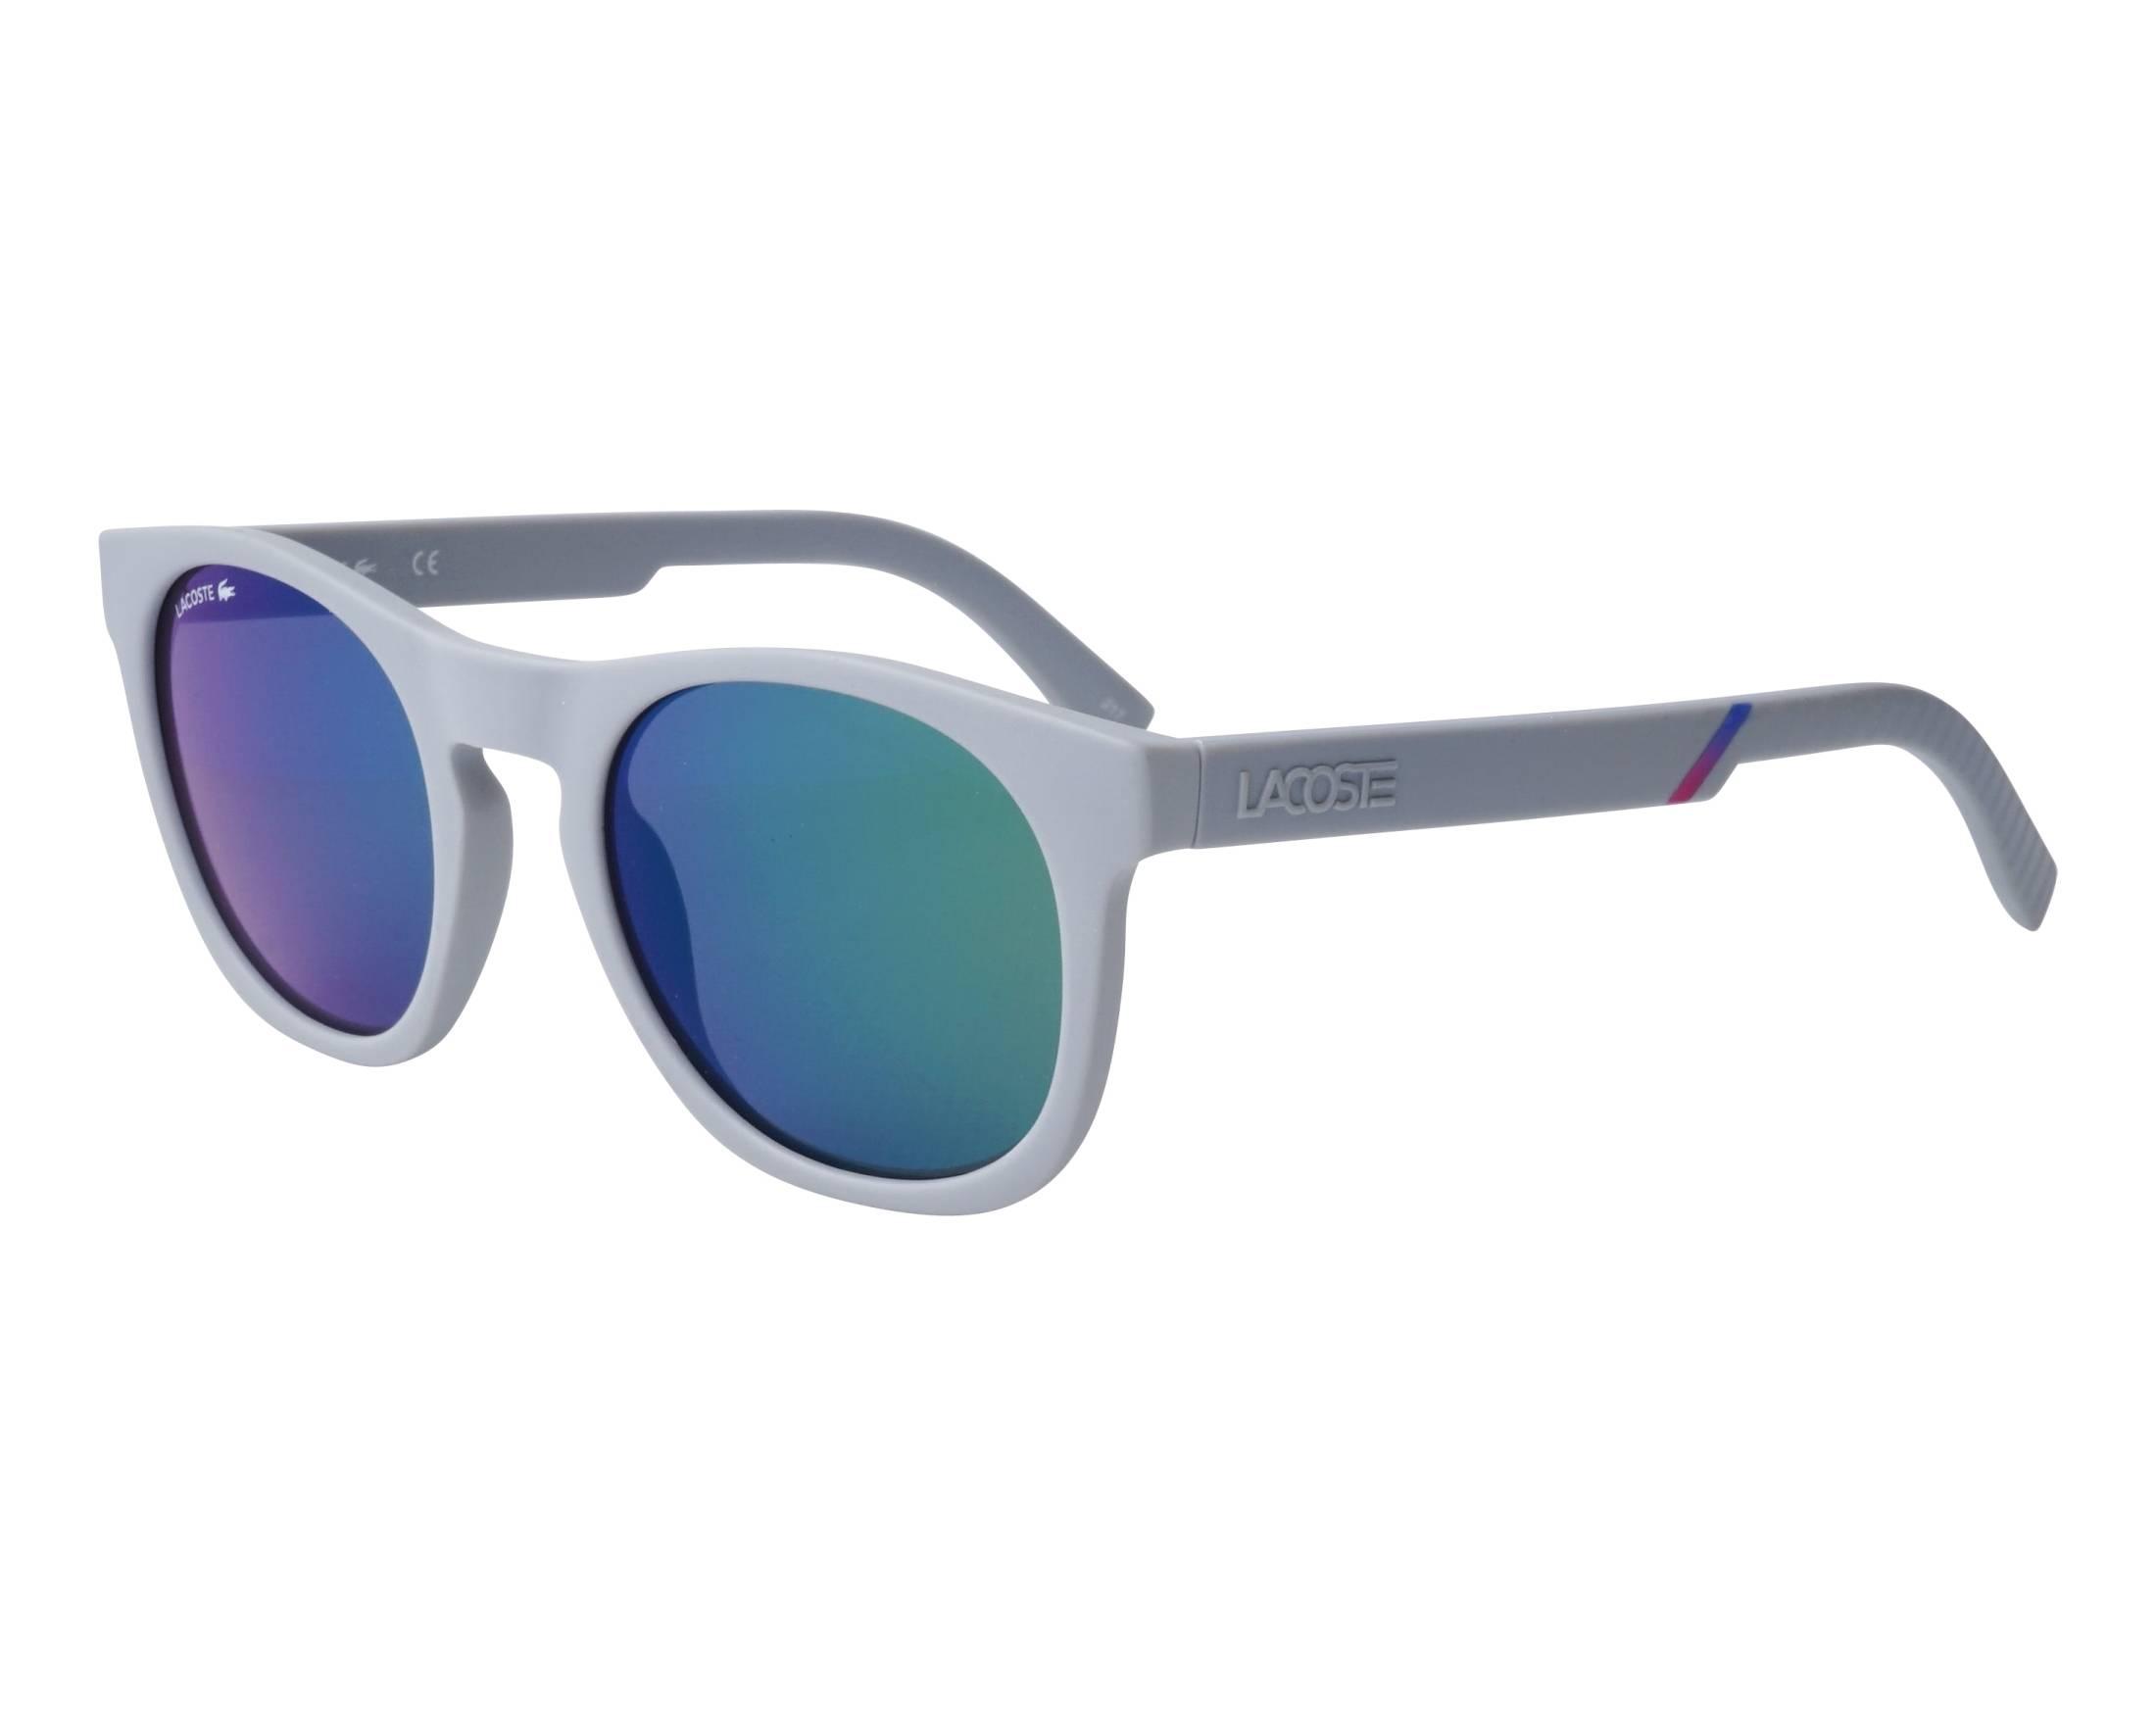 4eddf54a7611 Sunglasses Lacoste L-868-S 035 51-21 Grey profile view